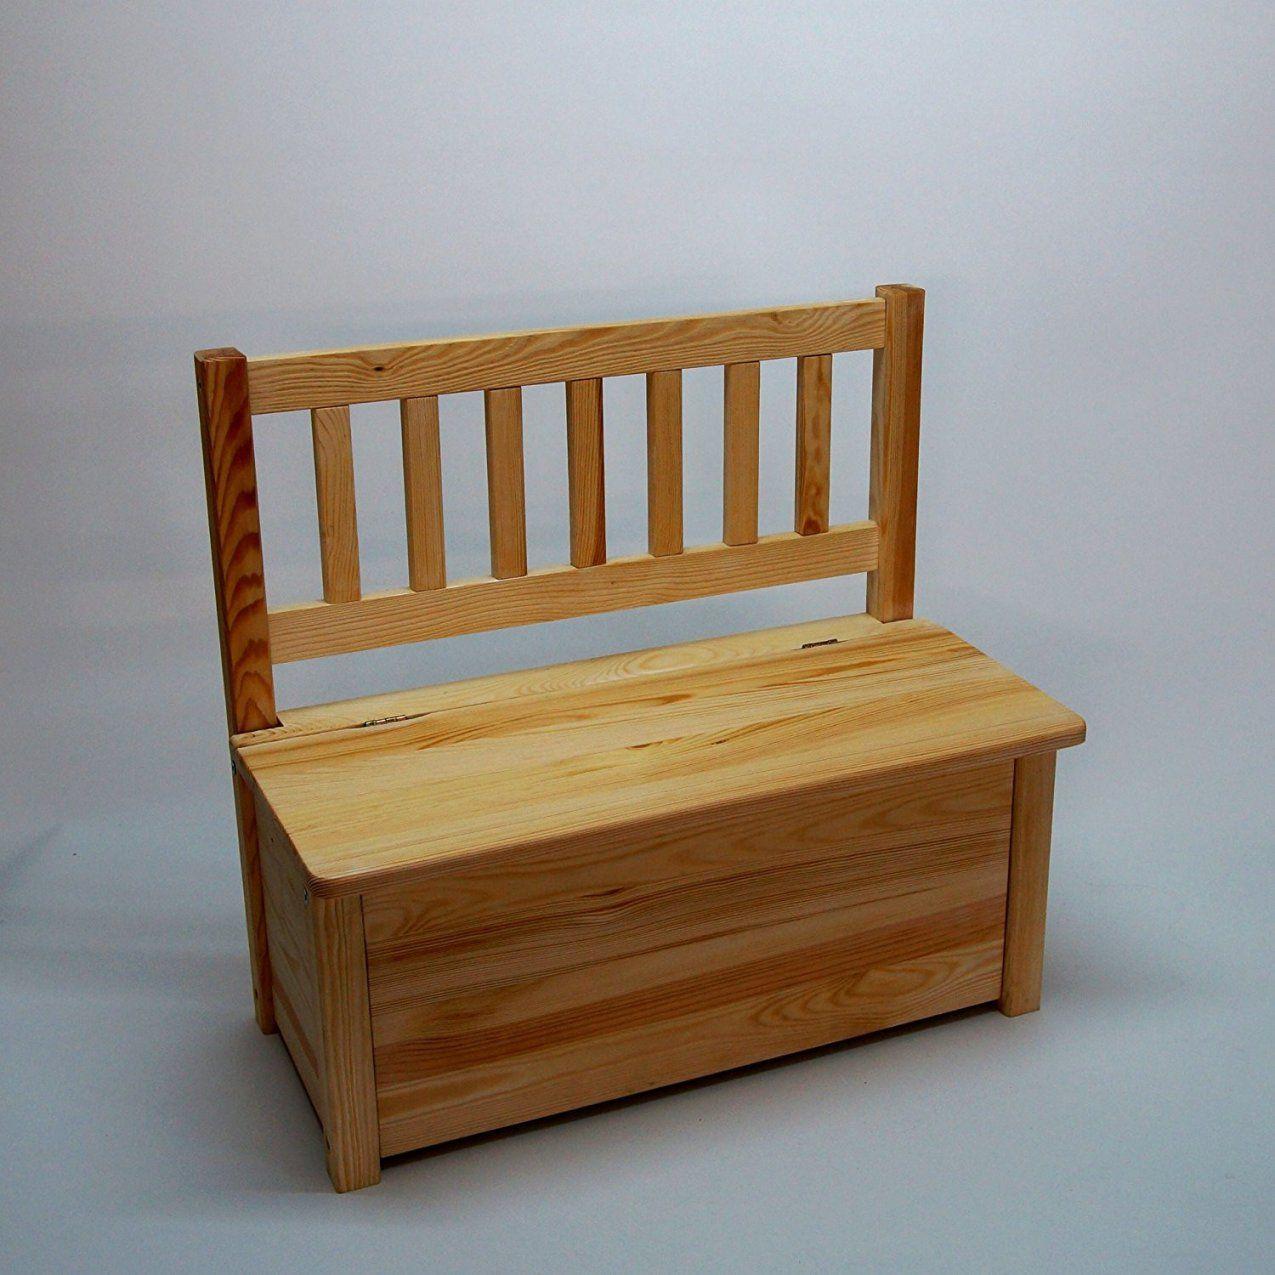 Sitzbank Mit Stauraum Balkon Holz Selber Bauen Kuche Avec Holz von Sitzbank Mit Stauraum Für Balkon Bild